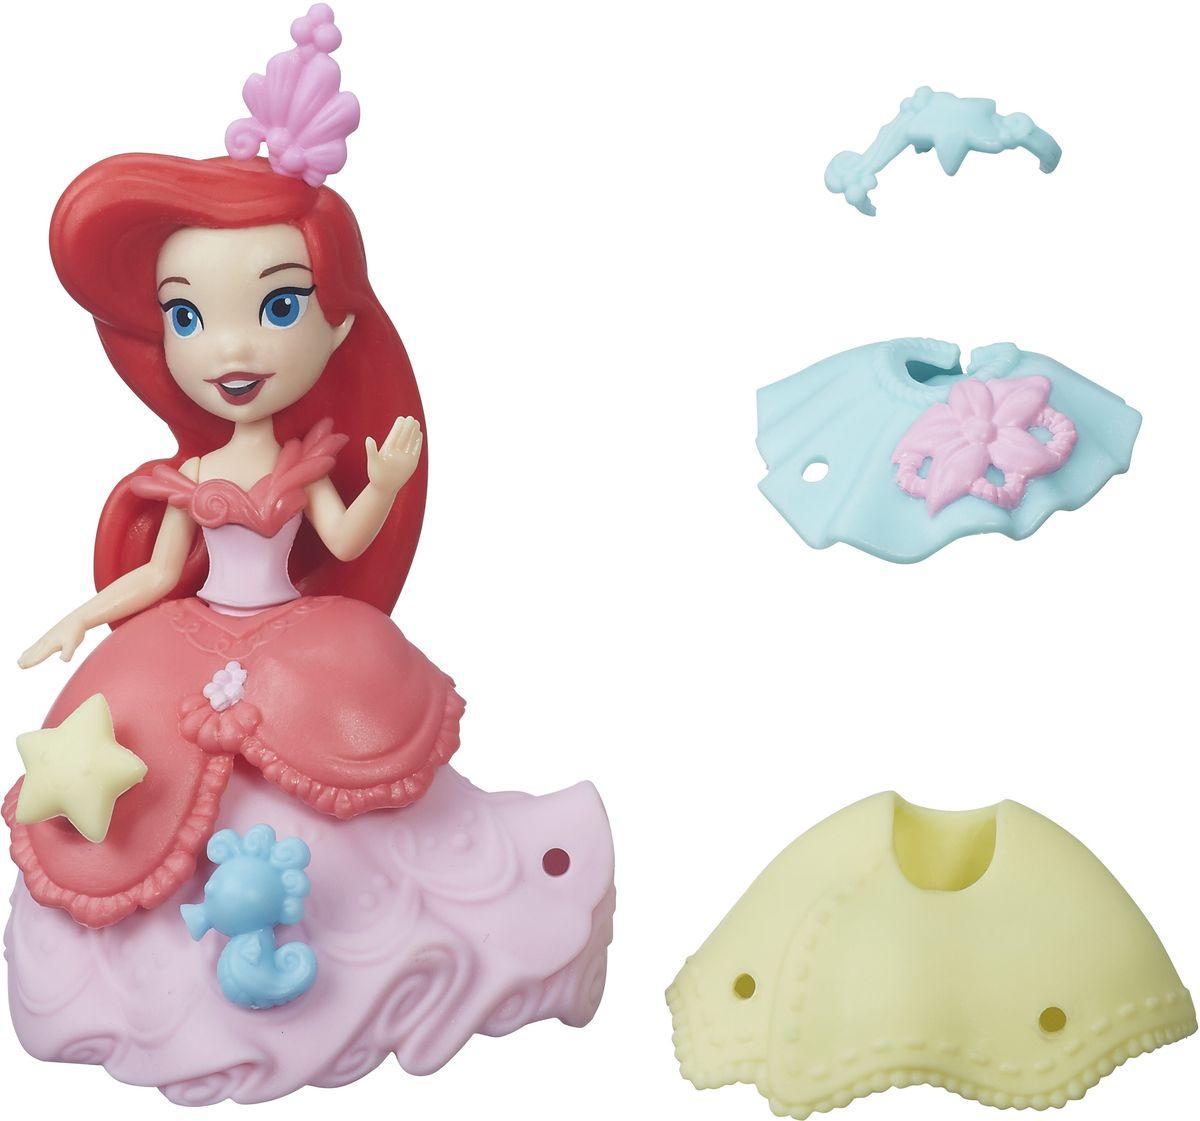 Disney Princess Мини-кукла Ариэль и модные нарядыB5328EU4_B5327Мини-кукла Disney Princess Ариэль выполнена в виде сказочной принцессы из мультфильма Русалочка. Пышное платье розового цвета украшено множеством оборок и декоративных элементов. Юбки на куколке можно менять. Всего в наборе имеются две юбки, две баски, две съемных накладки на топ. Украшать наряды и прическу Ариэль можно специальными аксессуарами из комплекта. Для этого в наряде есть небольшие отверстия, в которые вставляются украшения. Эти отверстия не бросаются в глаза, даже когда украшений нет, поэтому наличие декоративных элементов на подоле будет зависеть только от настроения хозяйки куколки. Мини-кукла Ариэль выглядит просто очаровательно. Она совсем небольшая по размеру, однако тщательно проработана. Ее внешний вид полностью повторяет облик девушки в мультфильме: у куклы такое же милое лицо с большими синими глазами, такая же прическа, в которой пышные волосы локонами спадают ей на плечи. Кукла выполнена из прочного и безопасного пластика.